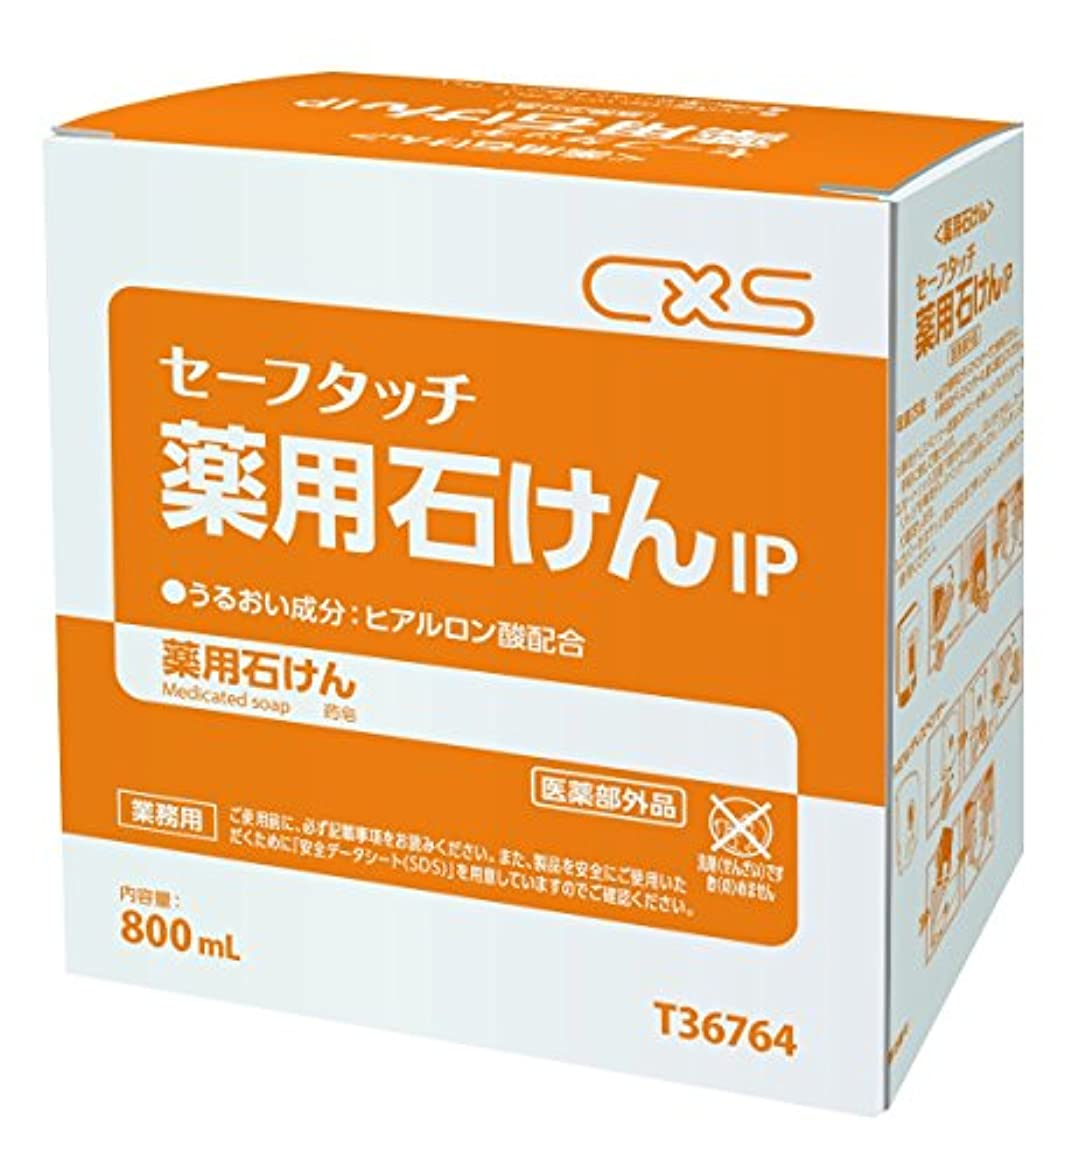 隣接する気を散らす飢えたセーフタッチ 薬用石けんIP 6箱セット